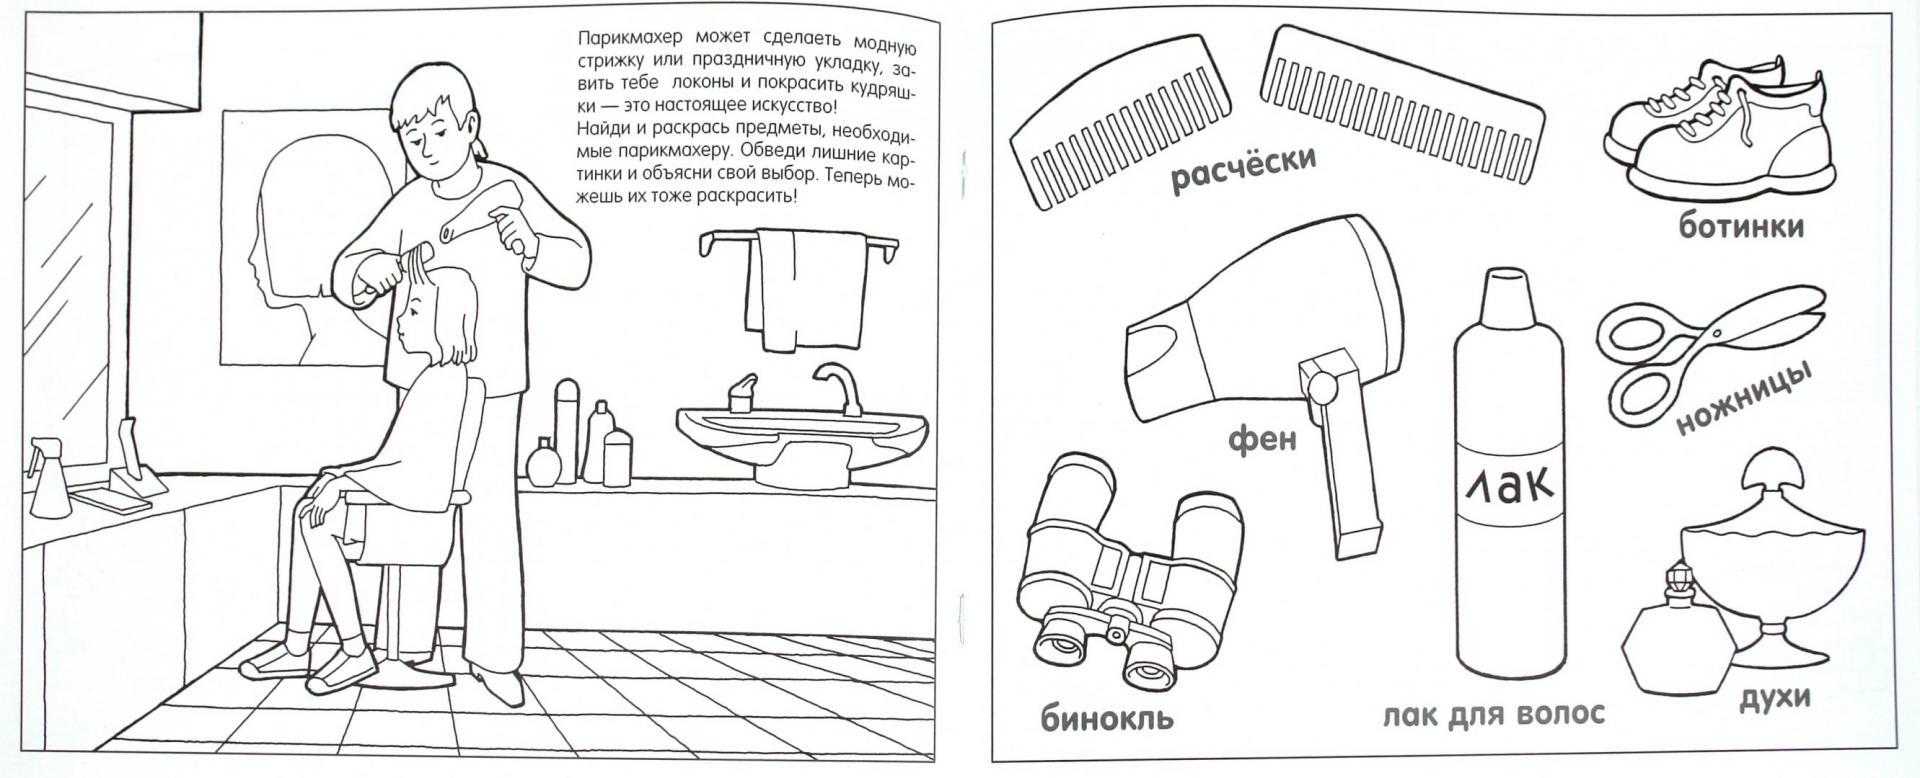 Иллюстрация 1 из 30 для Умные раскраски. Профессии - Елена Янушко | Лабиринт - книги. Источник: Лабиринт